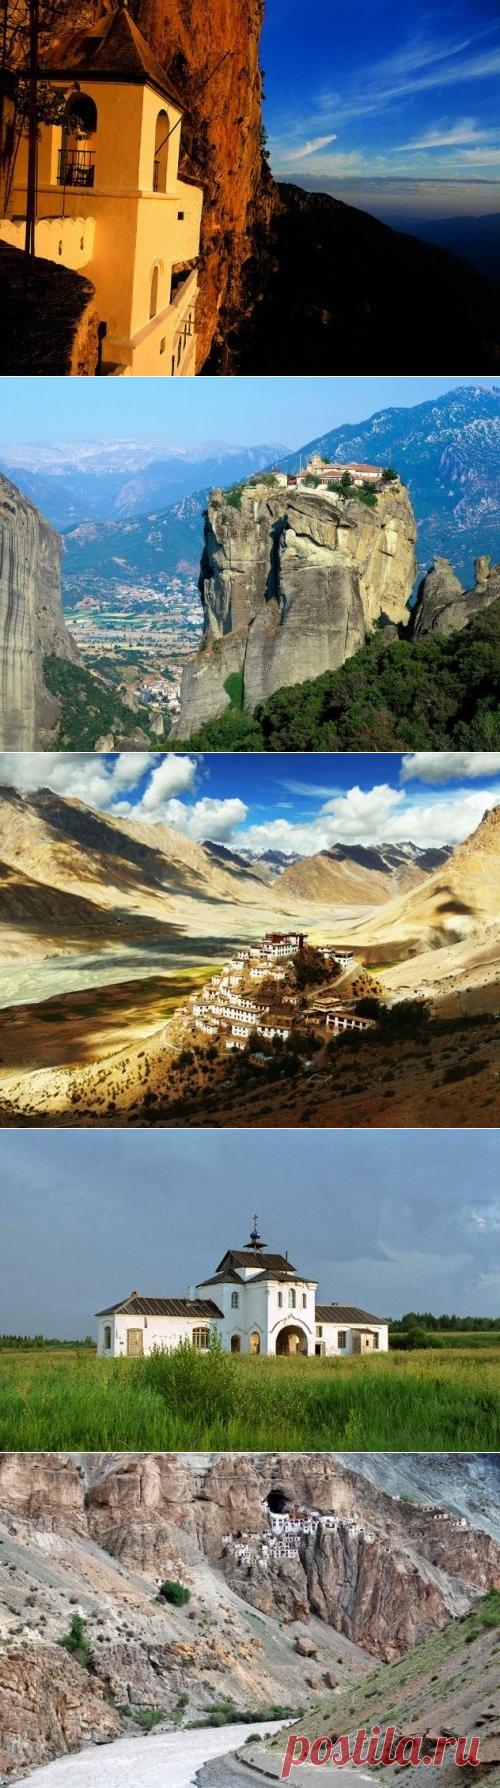 Вдали от мирской суеты: 10 самых потрясающих труднодоступных монастырей мира / Туристический спутник